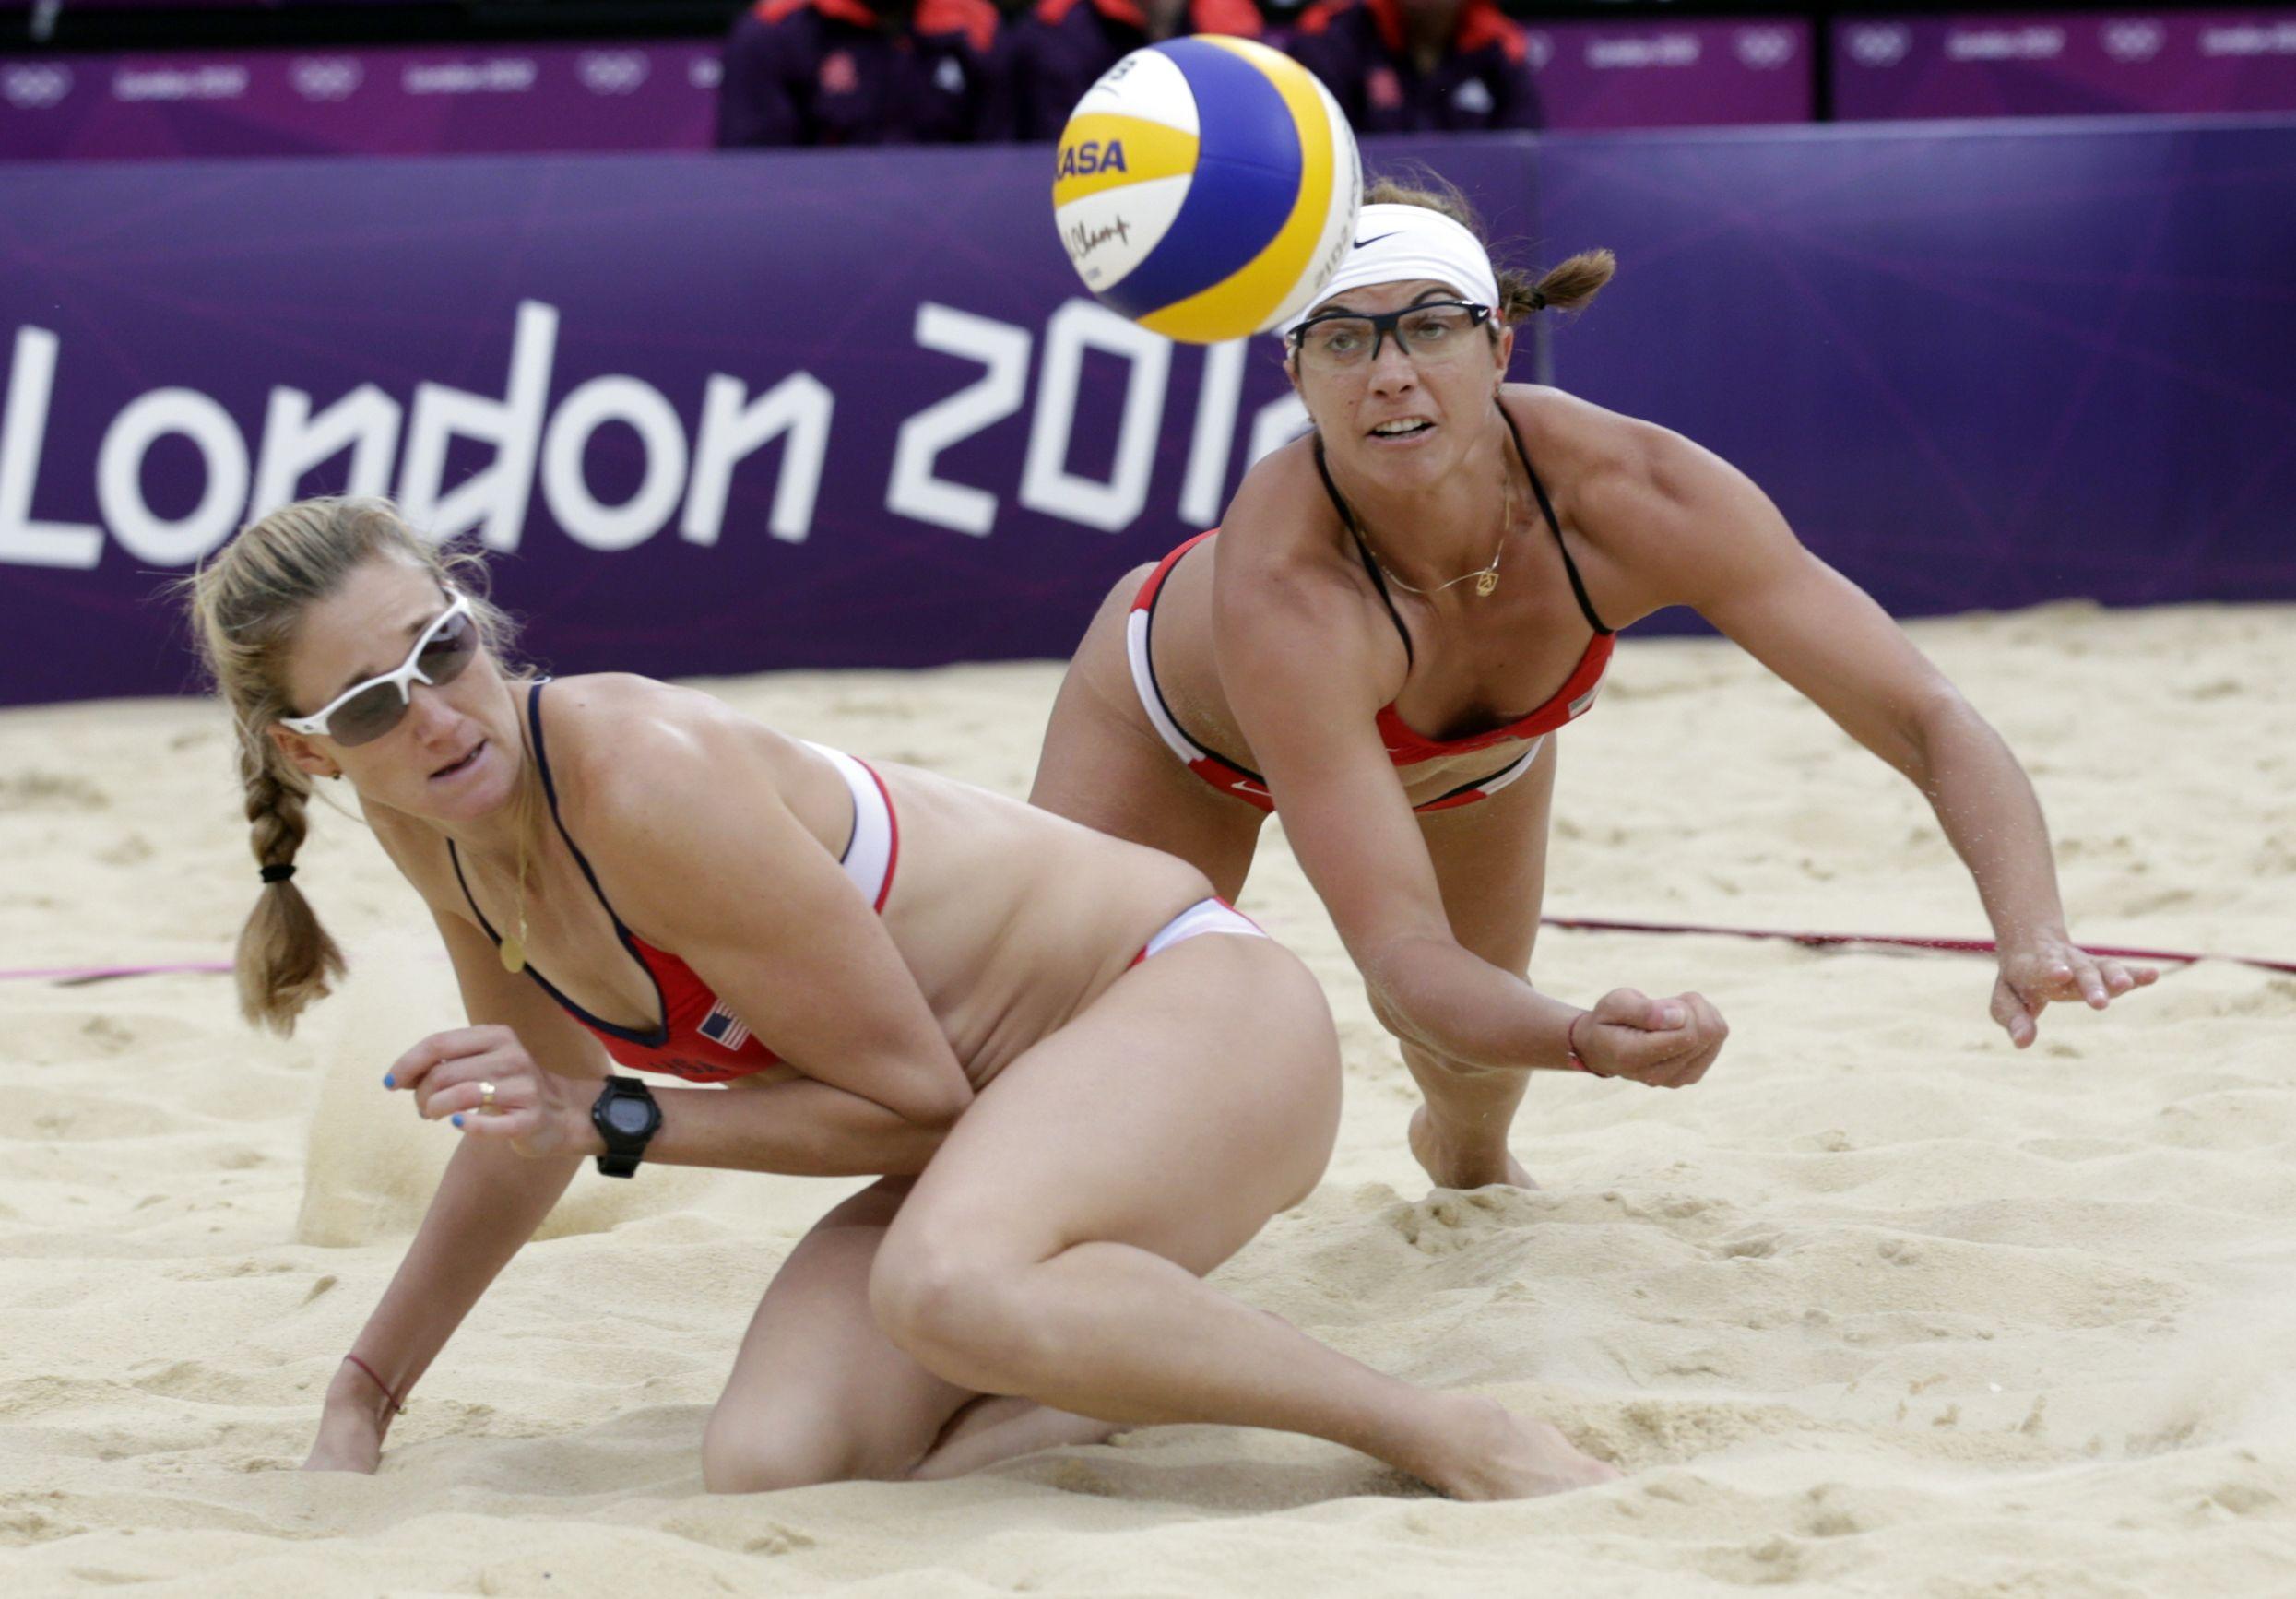 Google Image Result For Http Blog Hiddenharmonies Org Wp Content Uploads 2012 08 Mmt Kwj Beach Volleyball Jpg Beach Volleyball Olympics Volleyball